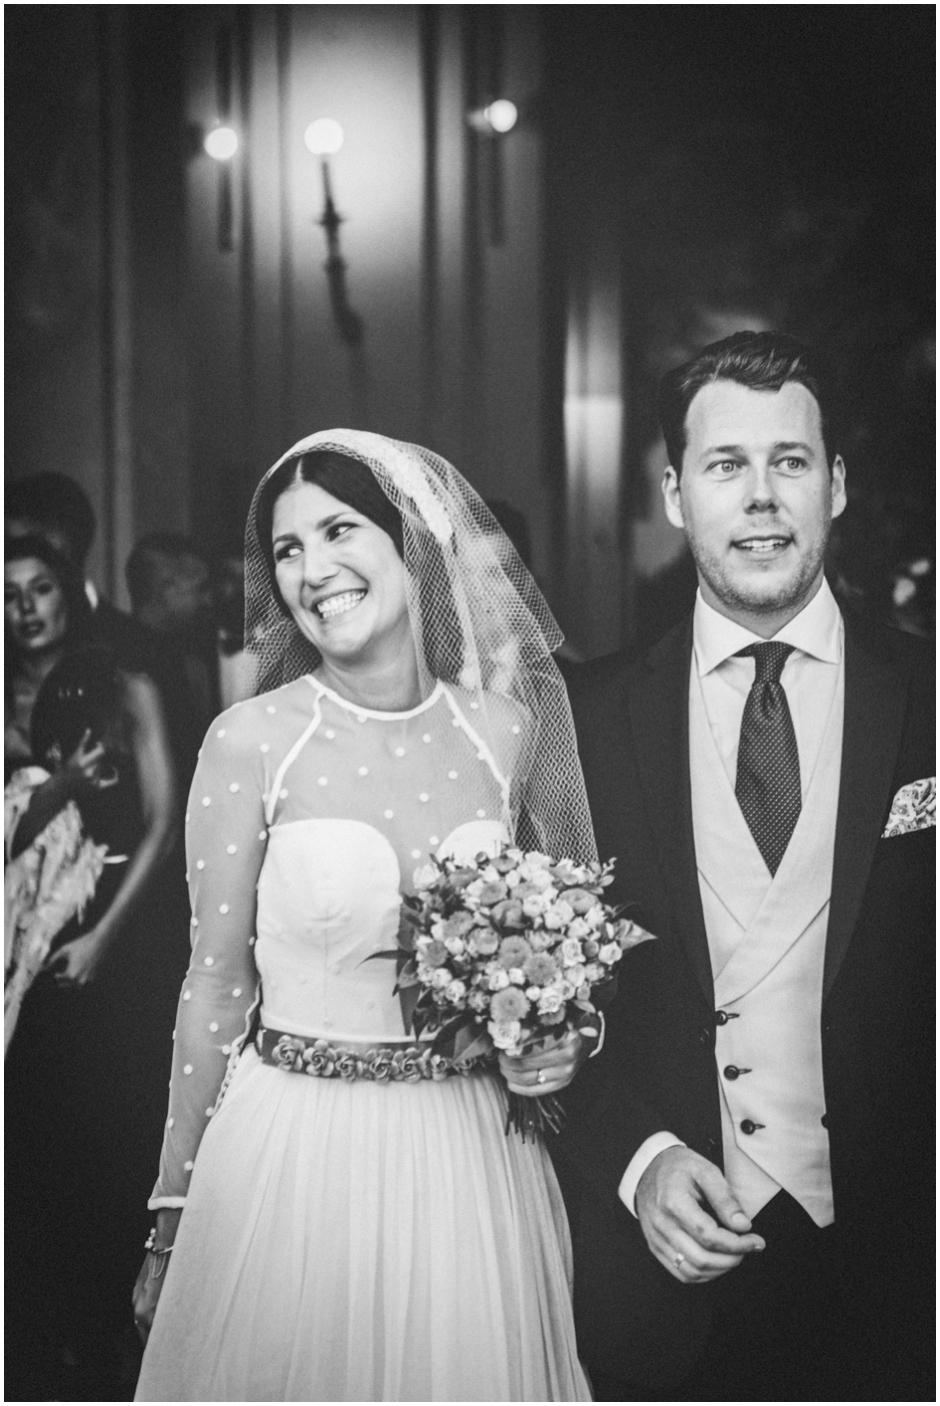 fotografo-de-bodas-sevilla-valencia-mallorca-jose-caballero-bodafilms90.jpg